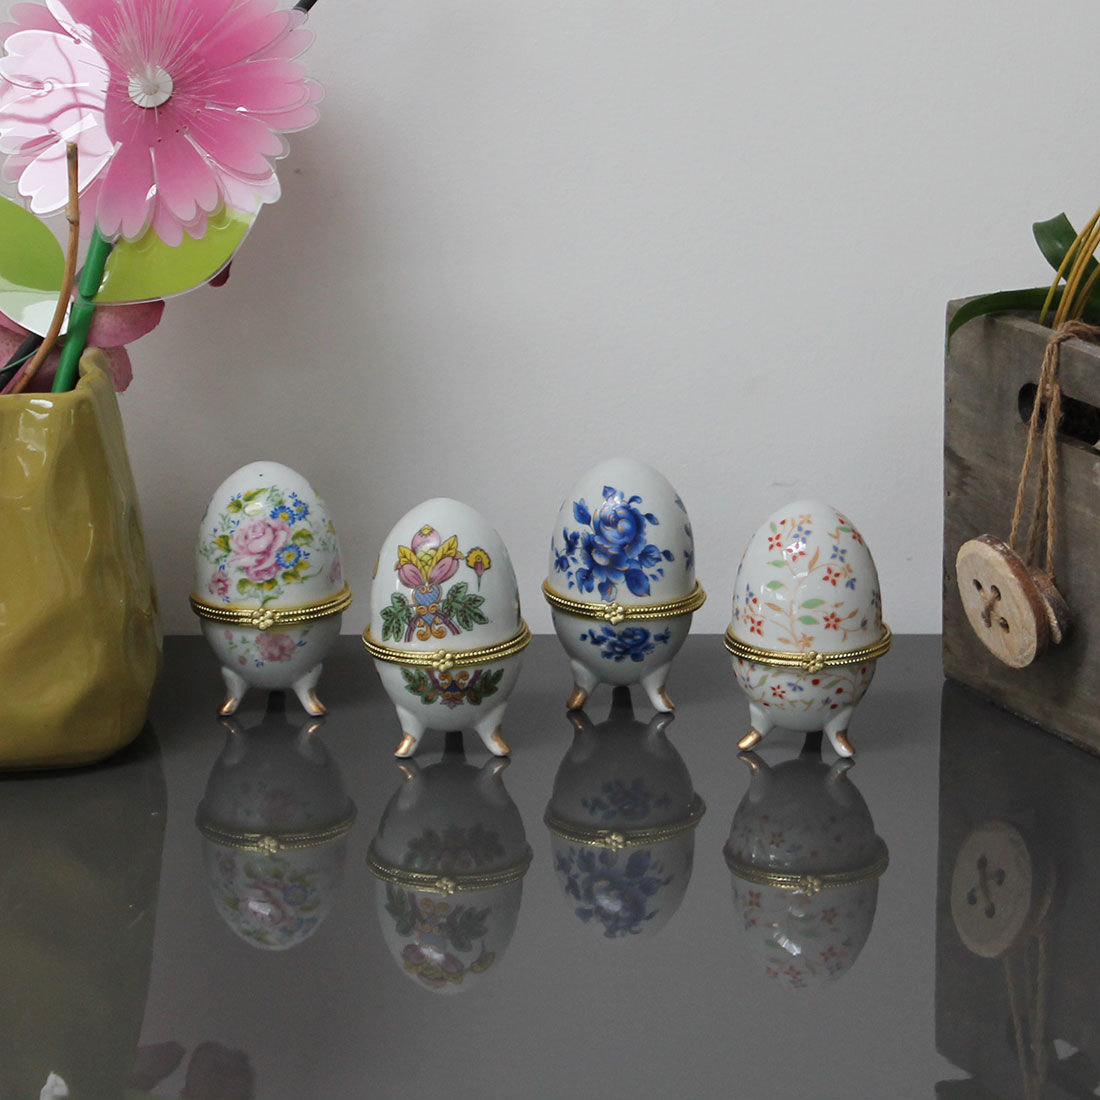 """Декоративные фигуры """"Фарфоровые яйца"""", 4 штуки [06761],"""